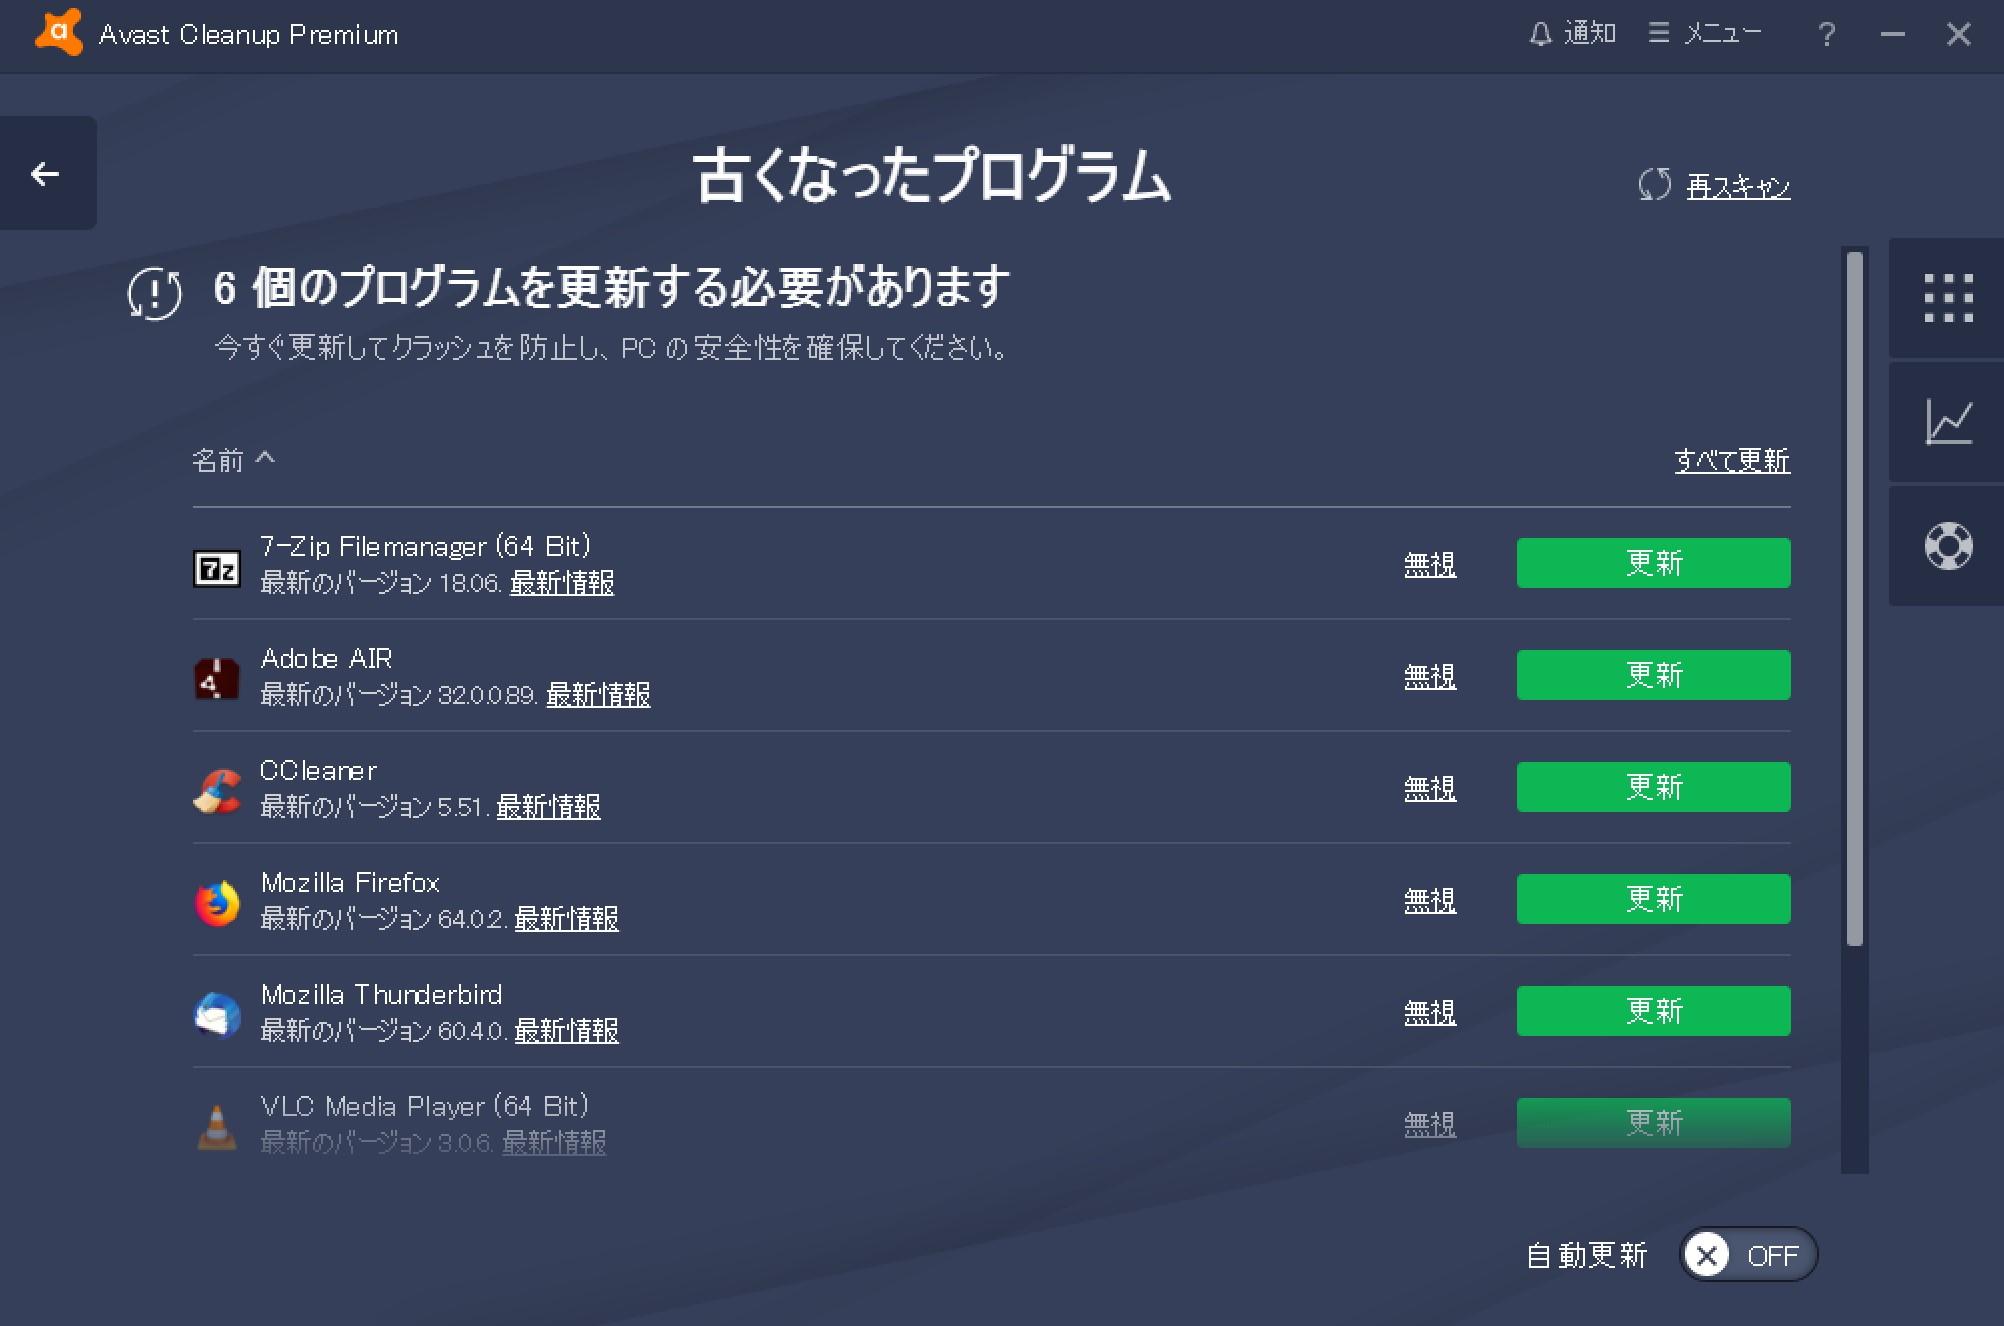 自動更新機能。VLC Media PlayerやSkypeなど、「最も頻繁にインストールされているサードパーティーソフト」を最新の状態に保つという